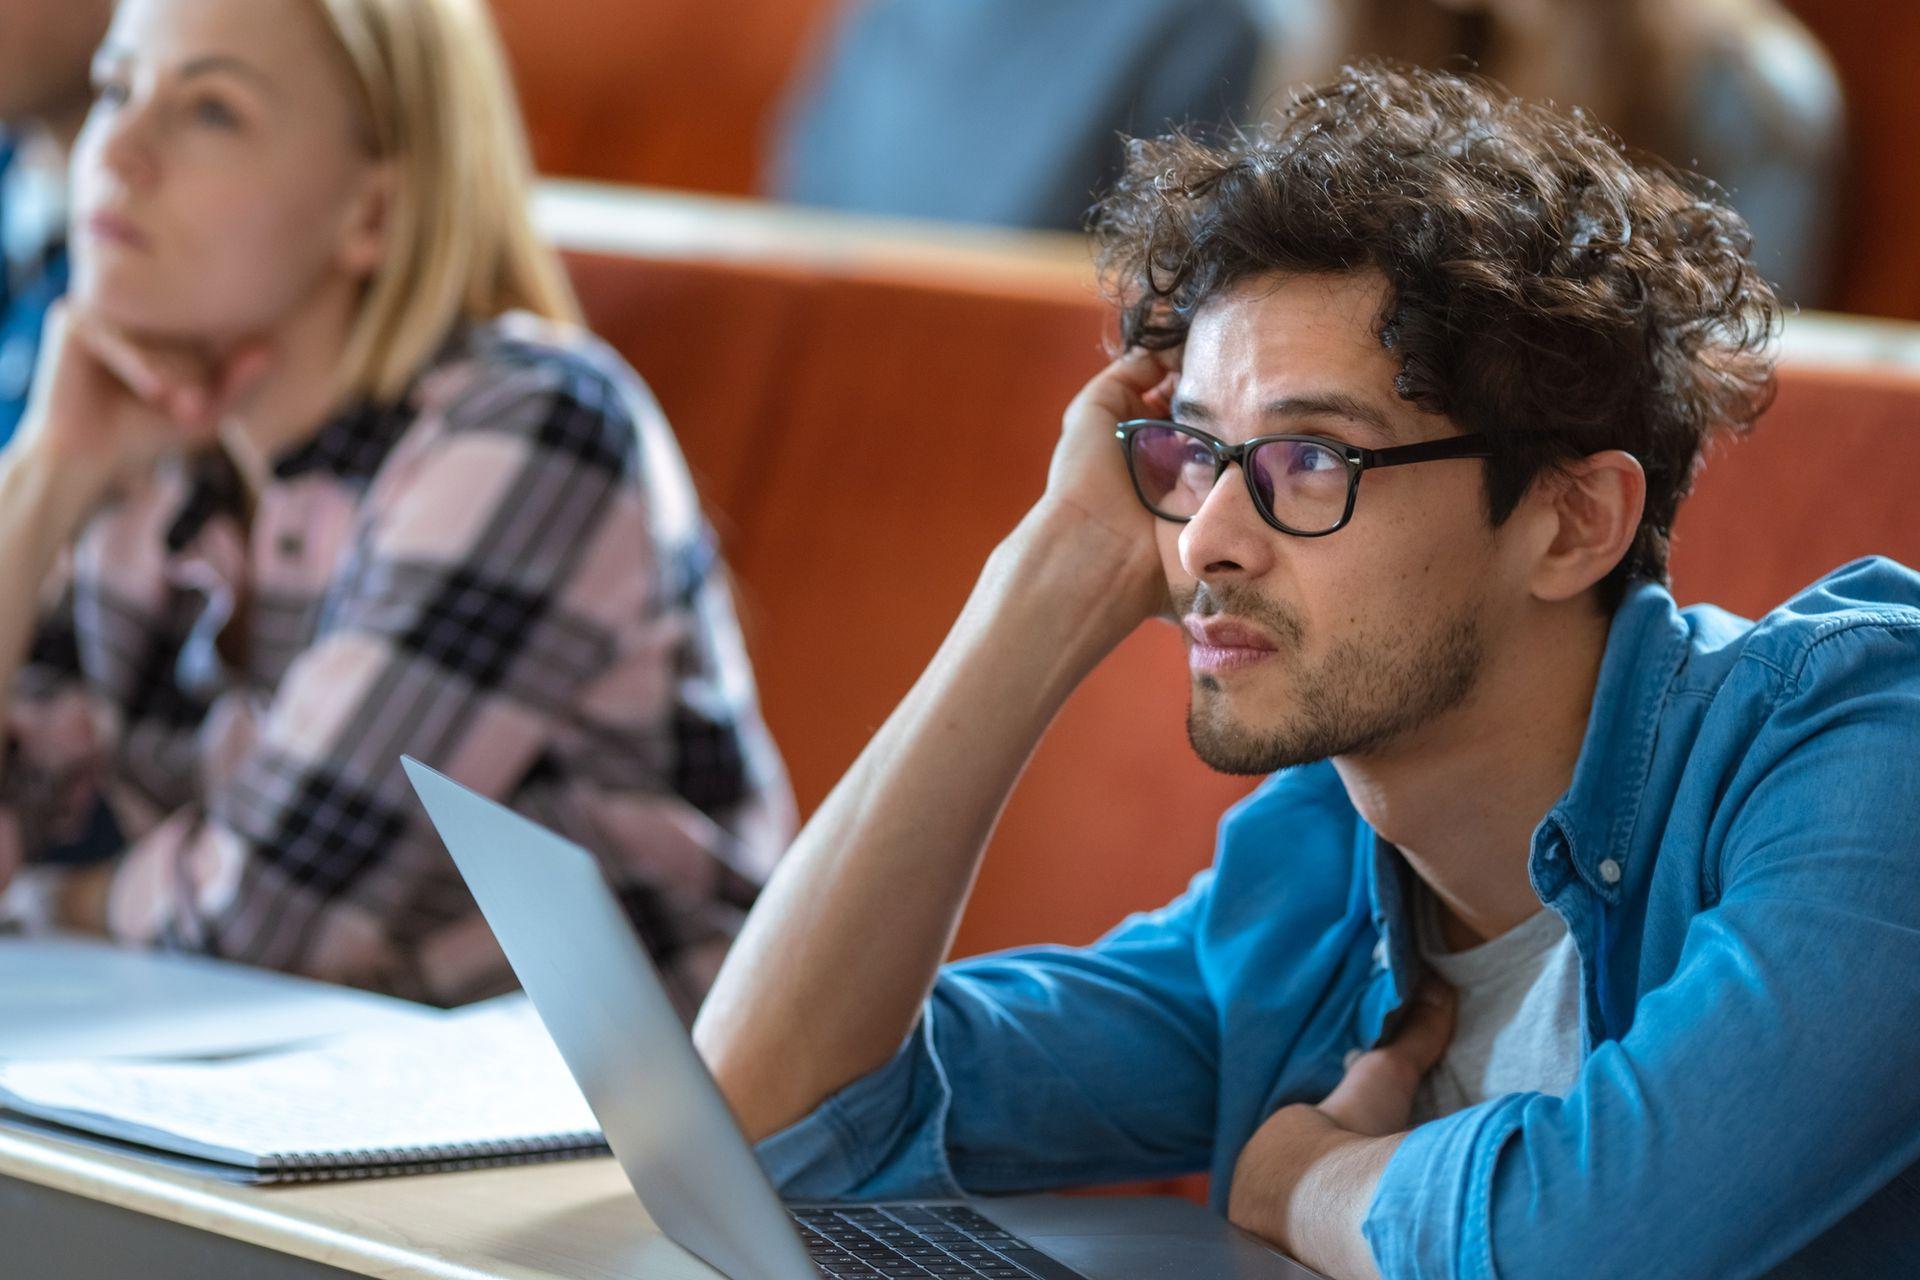 Al analizar el rostro de una persona presente, el sistema puede ayudar a determinar el nivel de atención que le está dedicando a la reunión